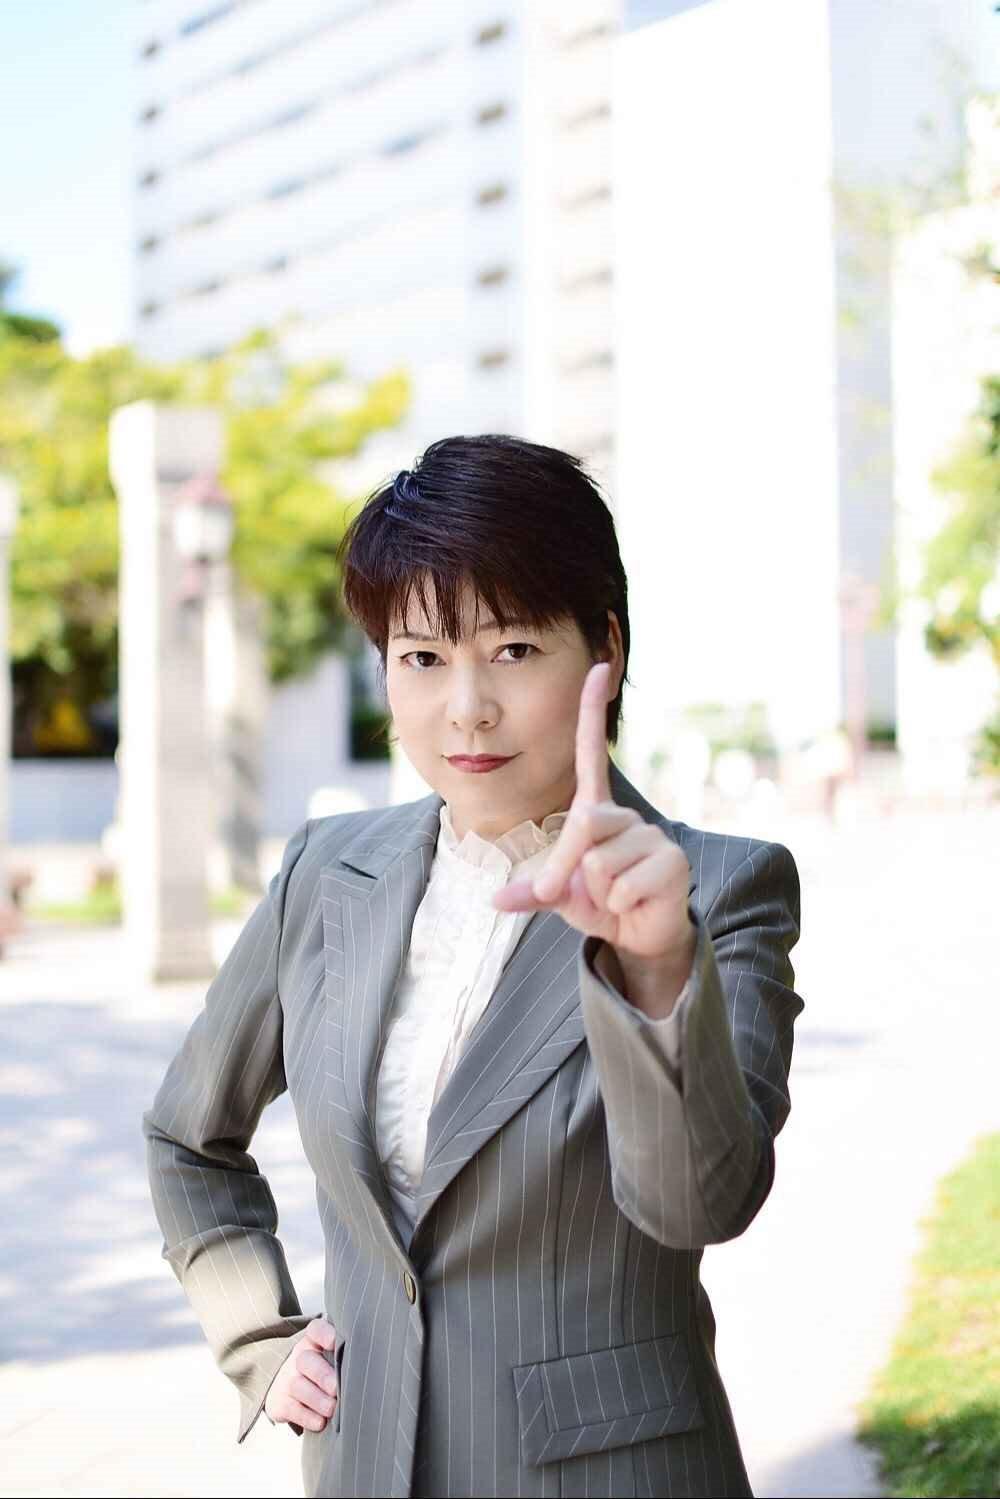 【福岡】ビジネスマンの話し方教室 体験レッスン開催!